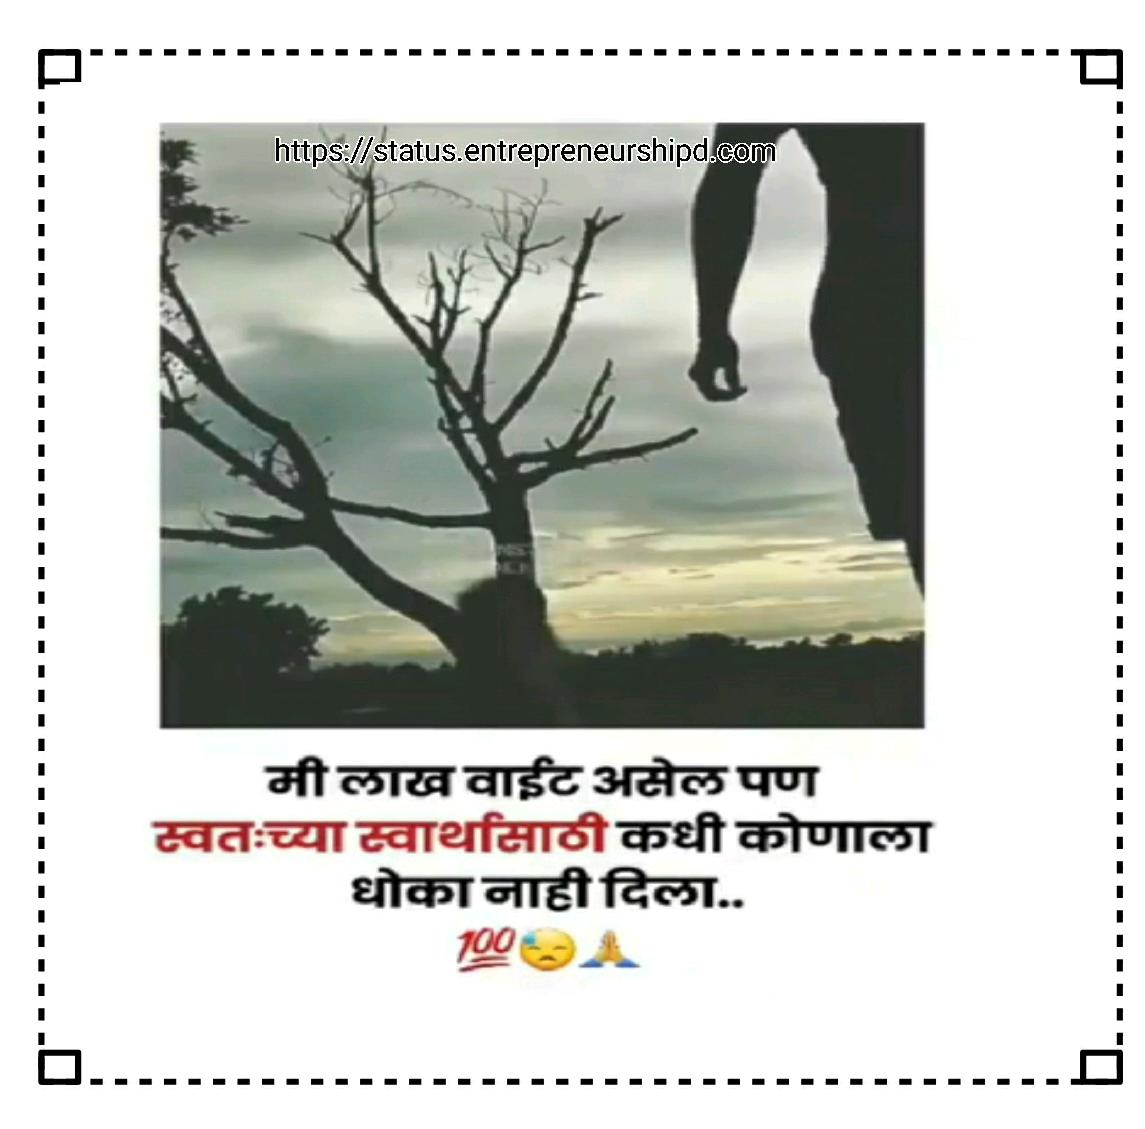 Marathi kadak attitude status Royal karbhar marathi attitude status